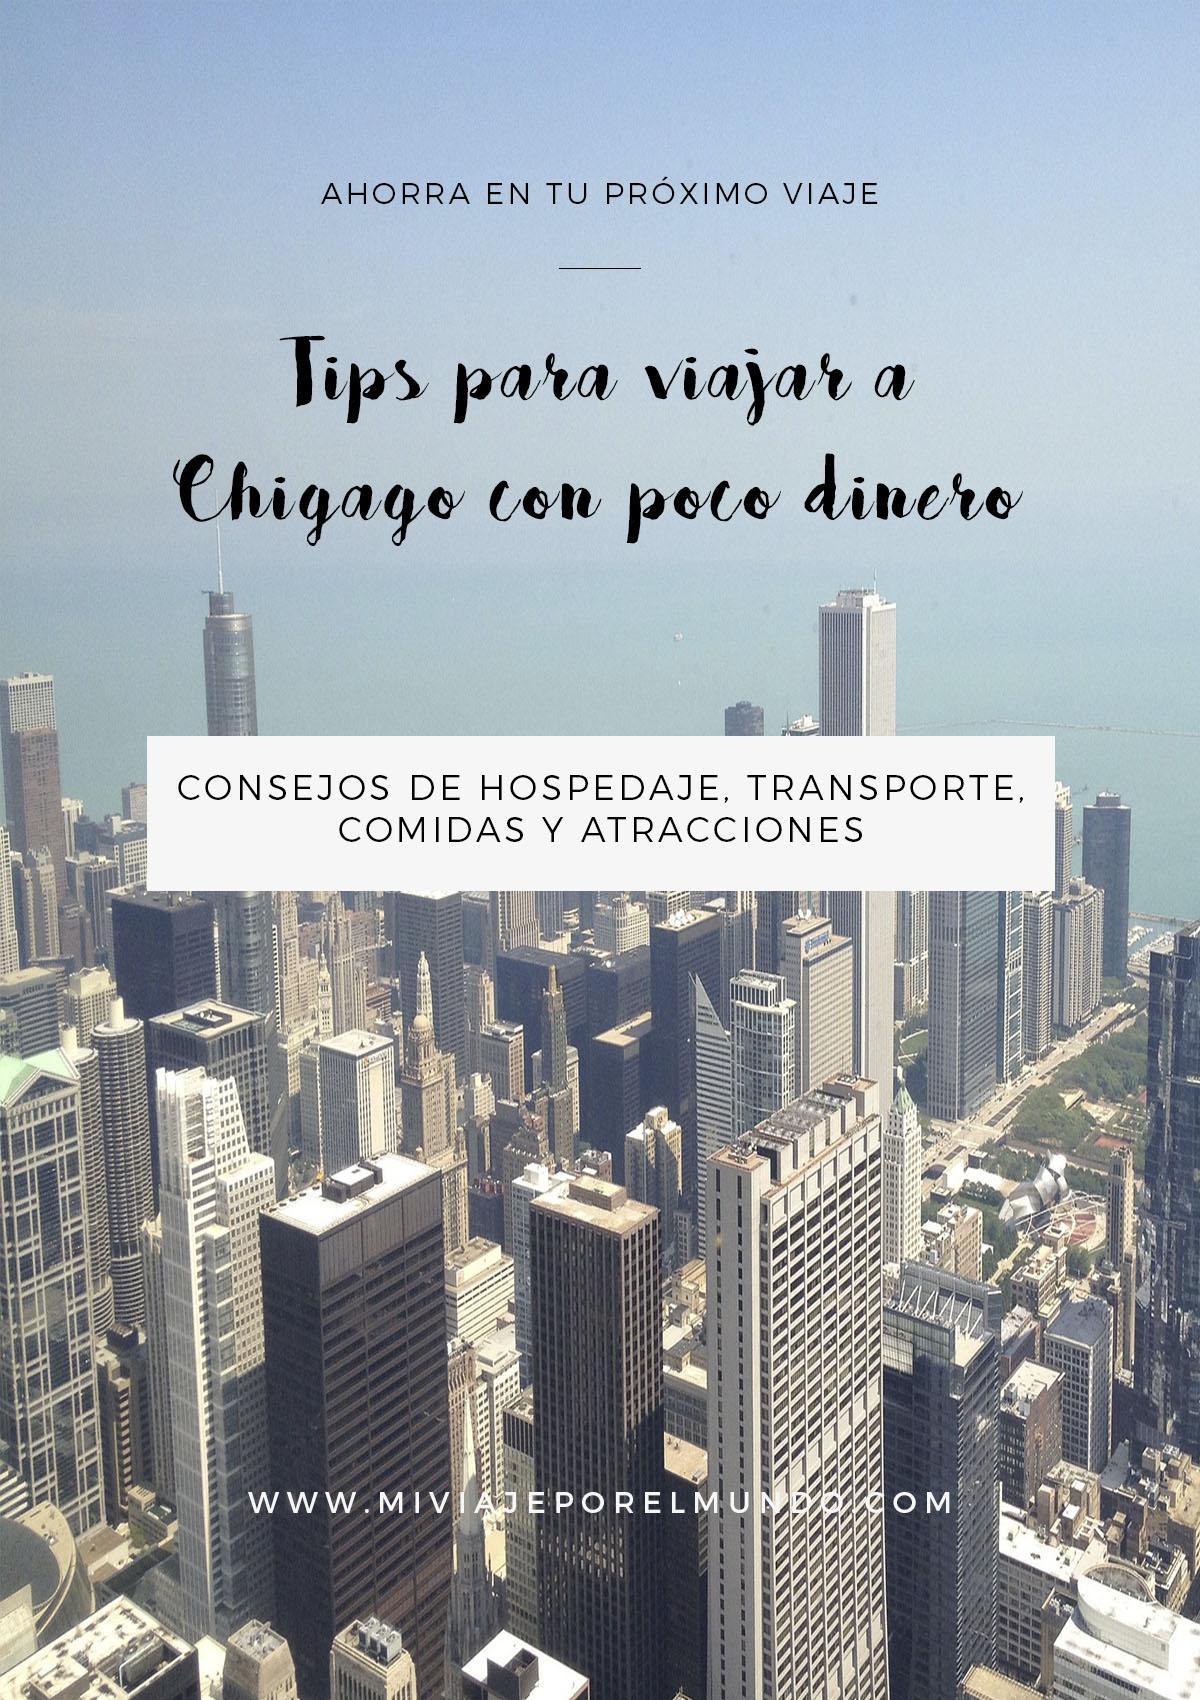 tips-para-viajar-a-chicago-con-poco-dinero